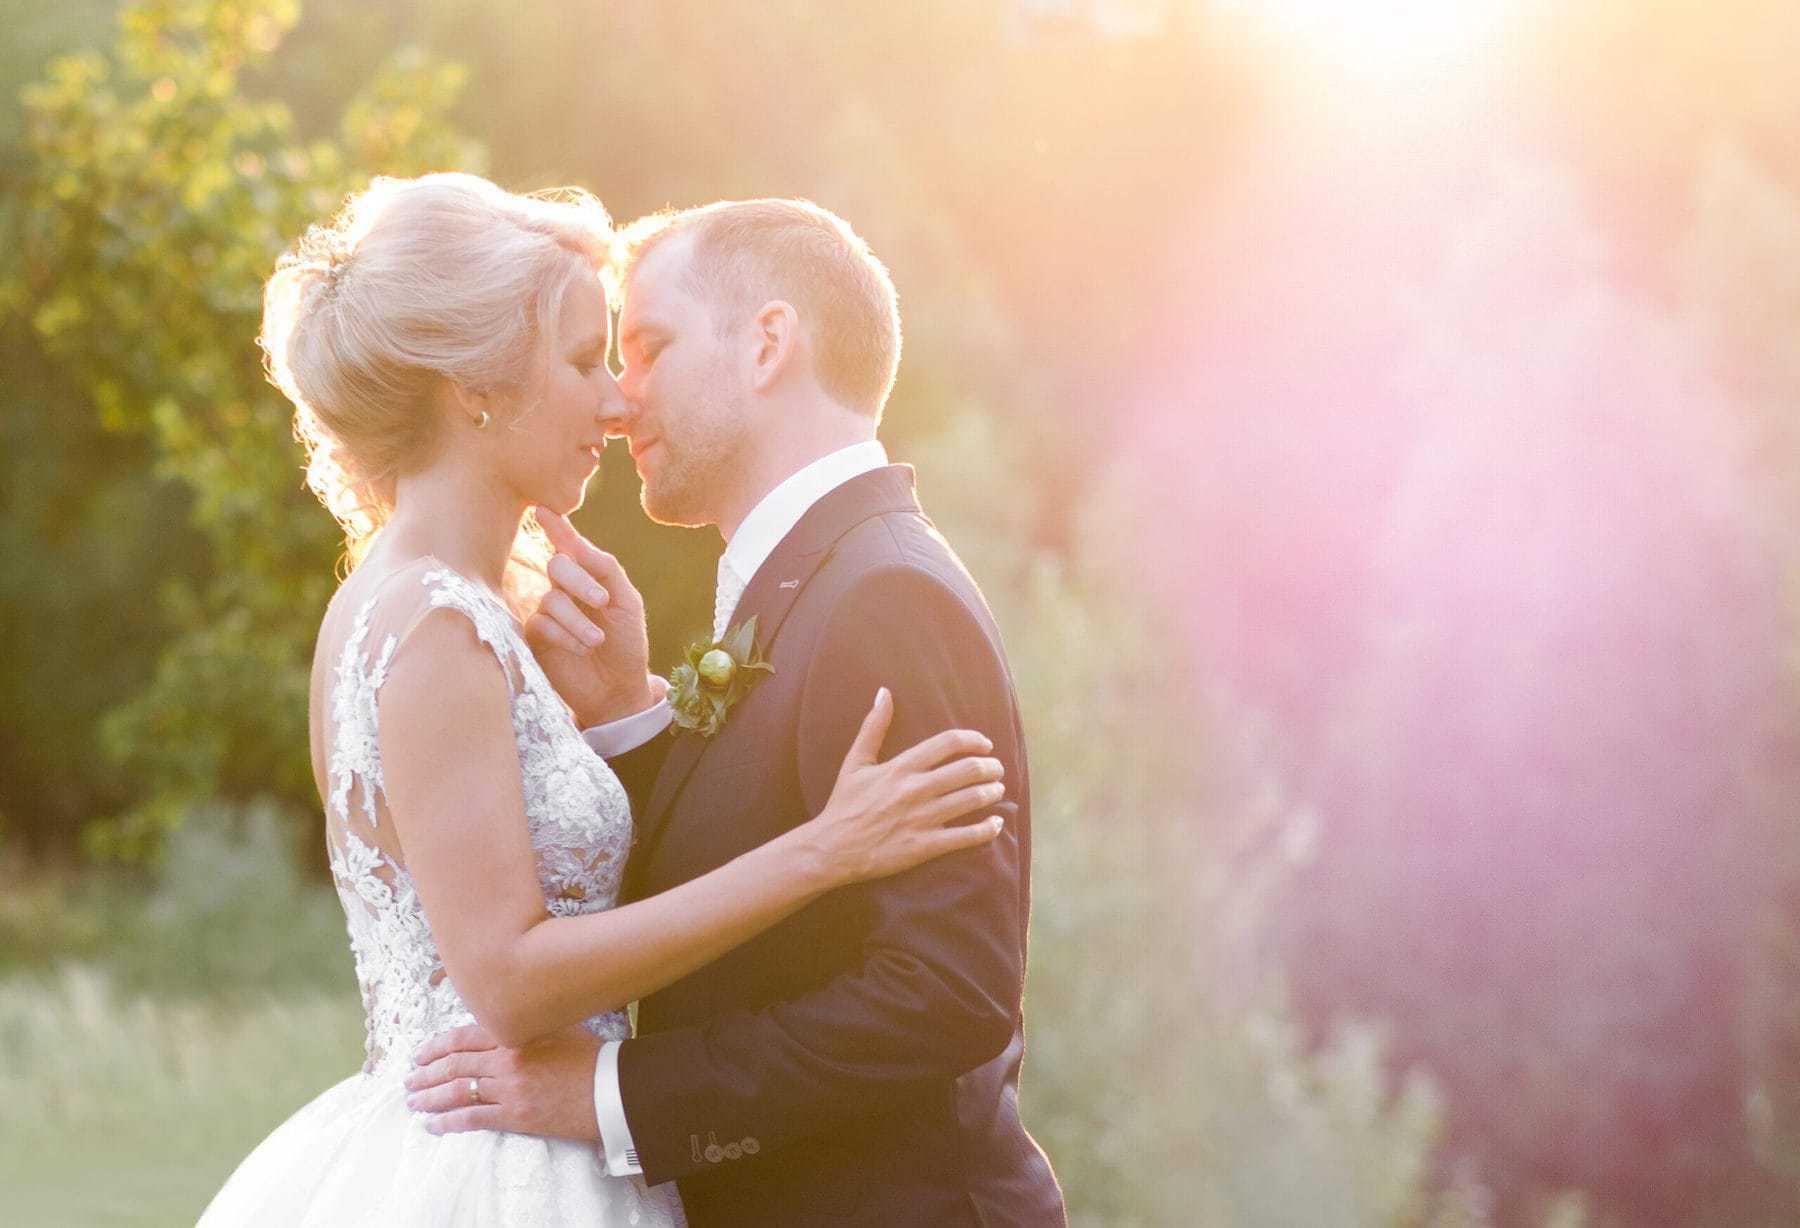 Brautpaar Fotoshooting mit Sonne und Gegenlicht romantisch